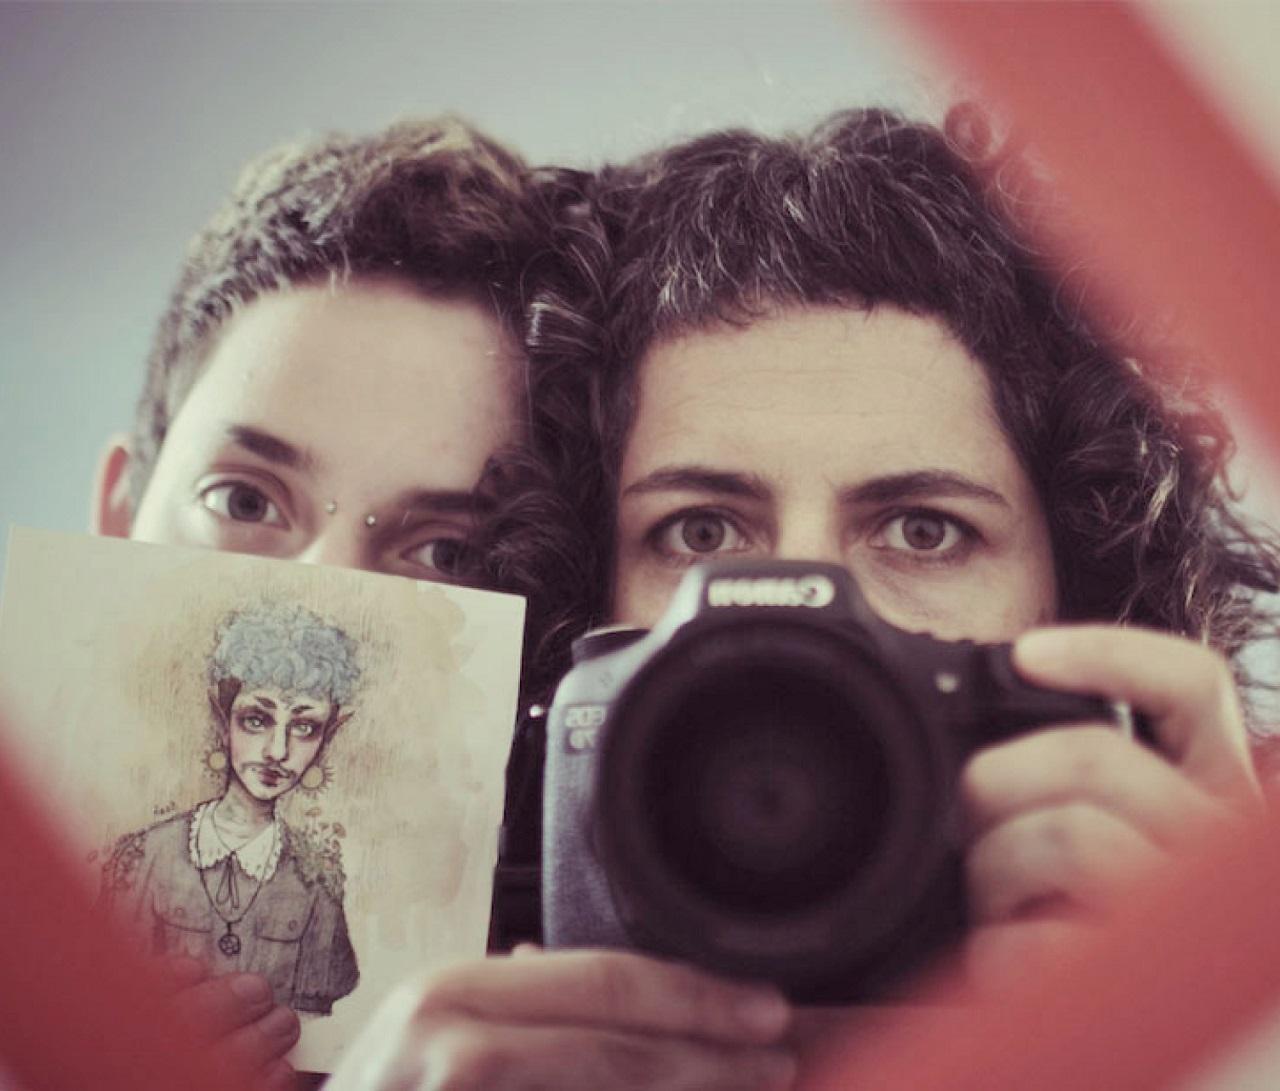 """Ein Teenager und eine Mutter schauen in einen Spiegel, der Teenager hält eine Zeichnung hoch, die Mutter die Kamera. Filmstill aus """"Treshold""""."""